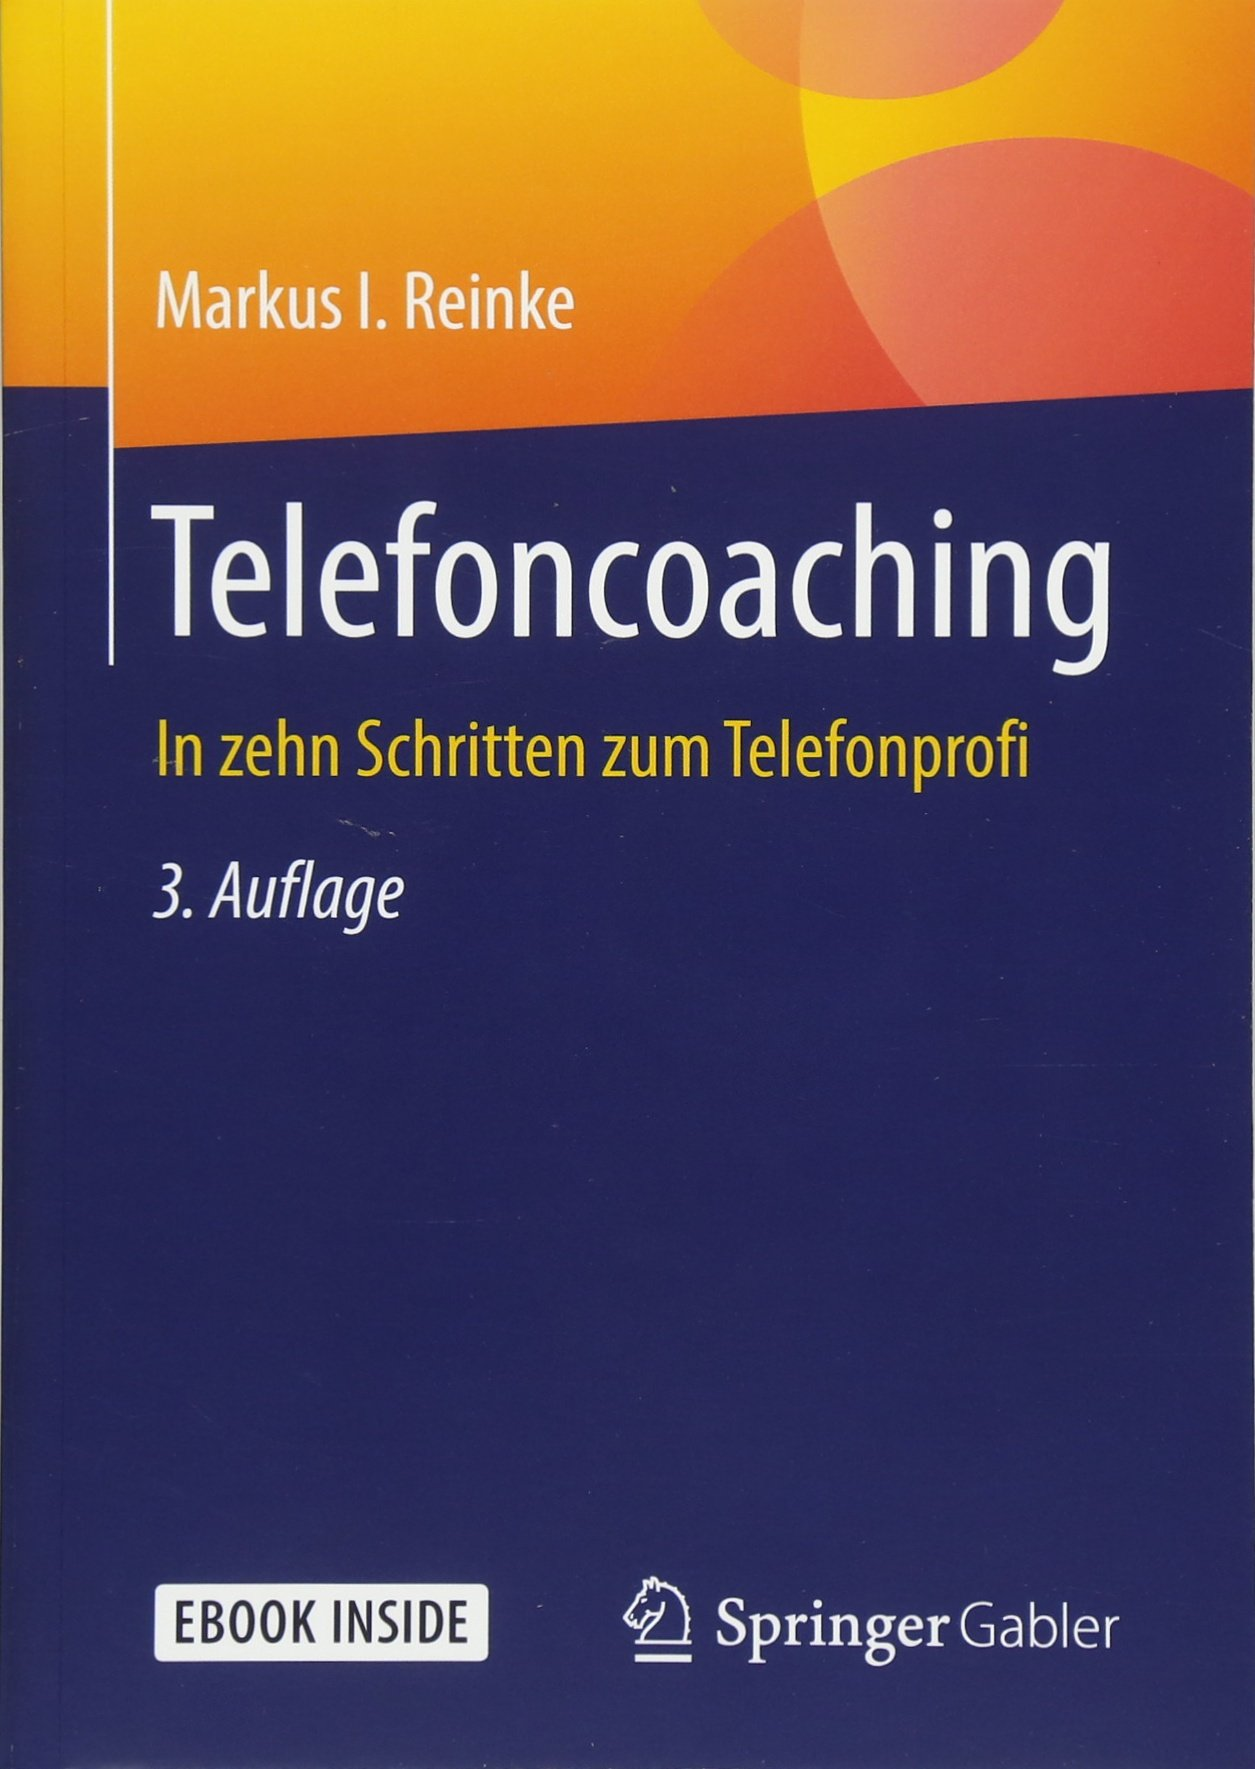 Telefoncoaching: In zehn Schritten zum Telefonprofi Taschenbuch – 7. Juni 2018 Markus I. Reinke Springer Gabler 3658217928 Wirtschaft / Werbung